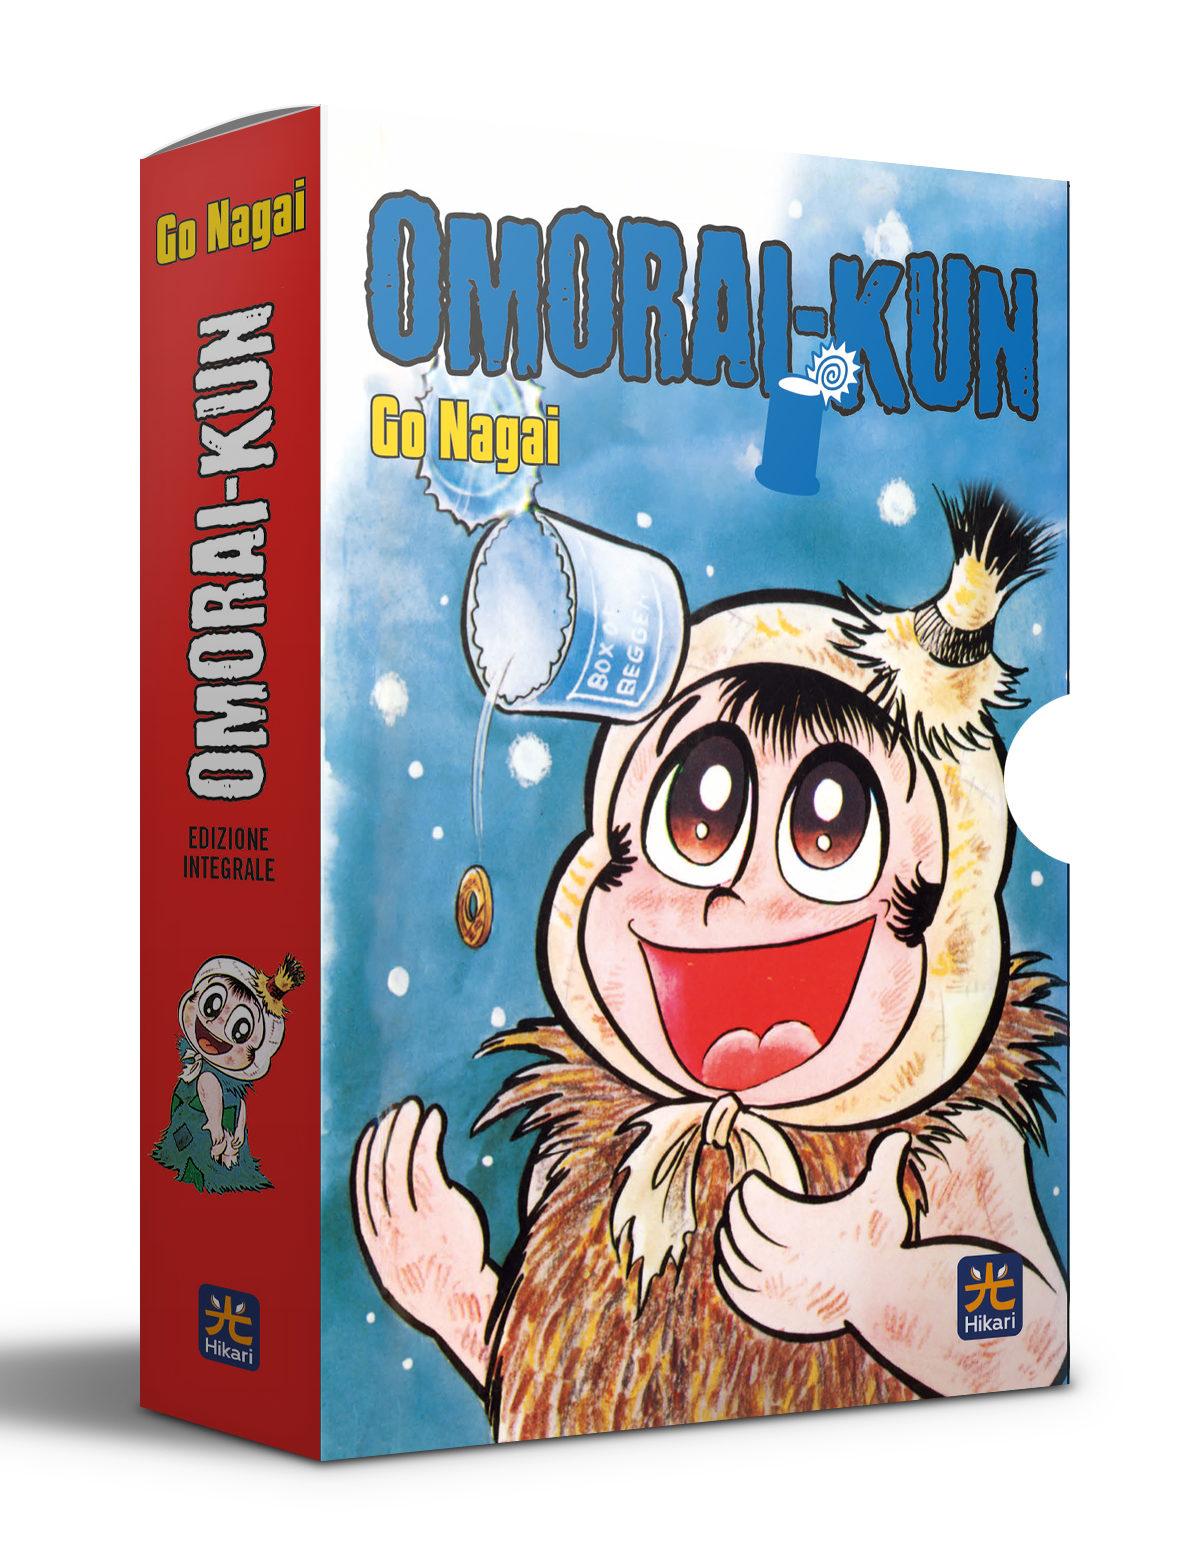 Omorai-kun. Edizione integrale in cofanetto. Preorder (Copia)